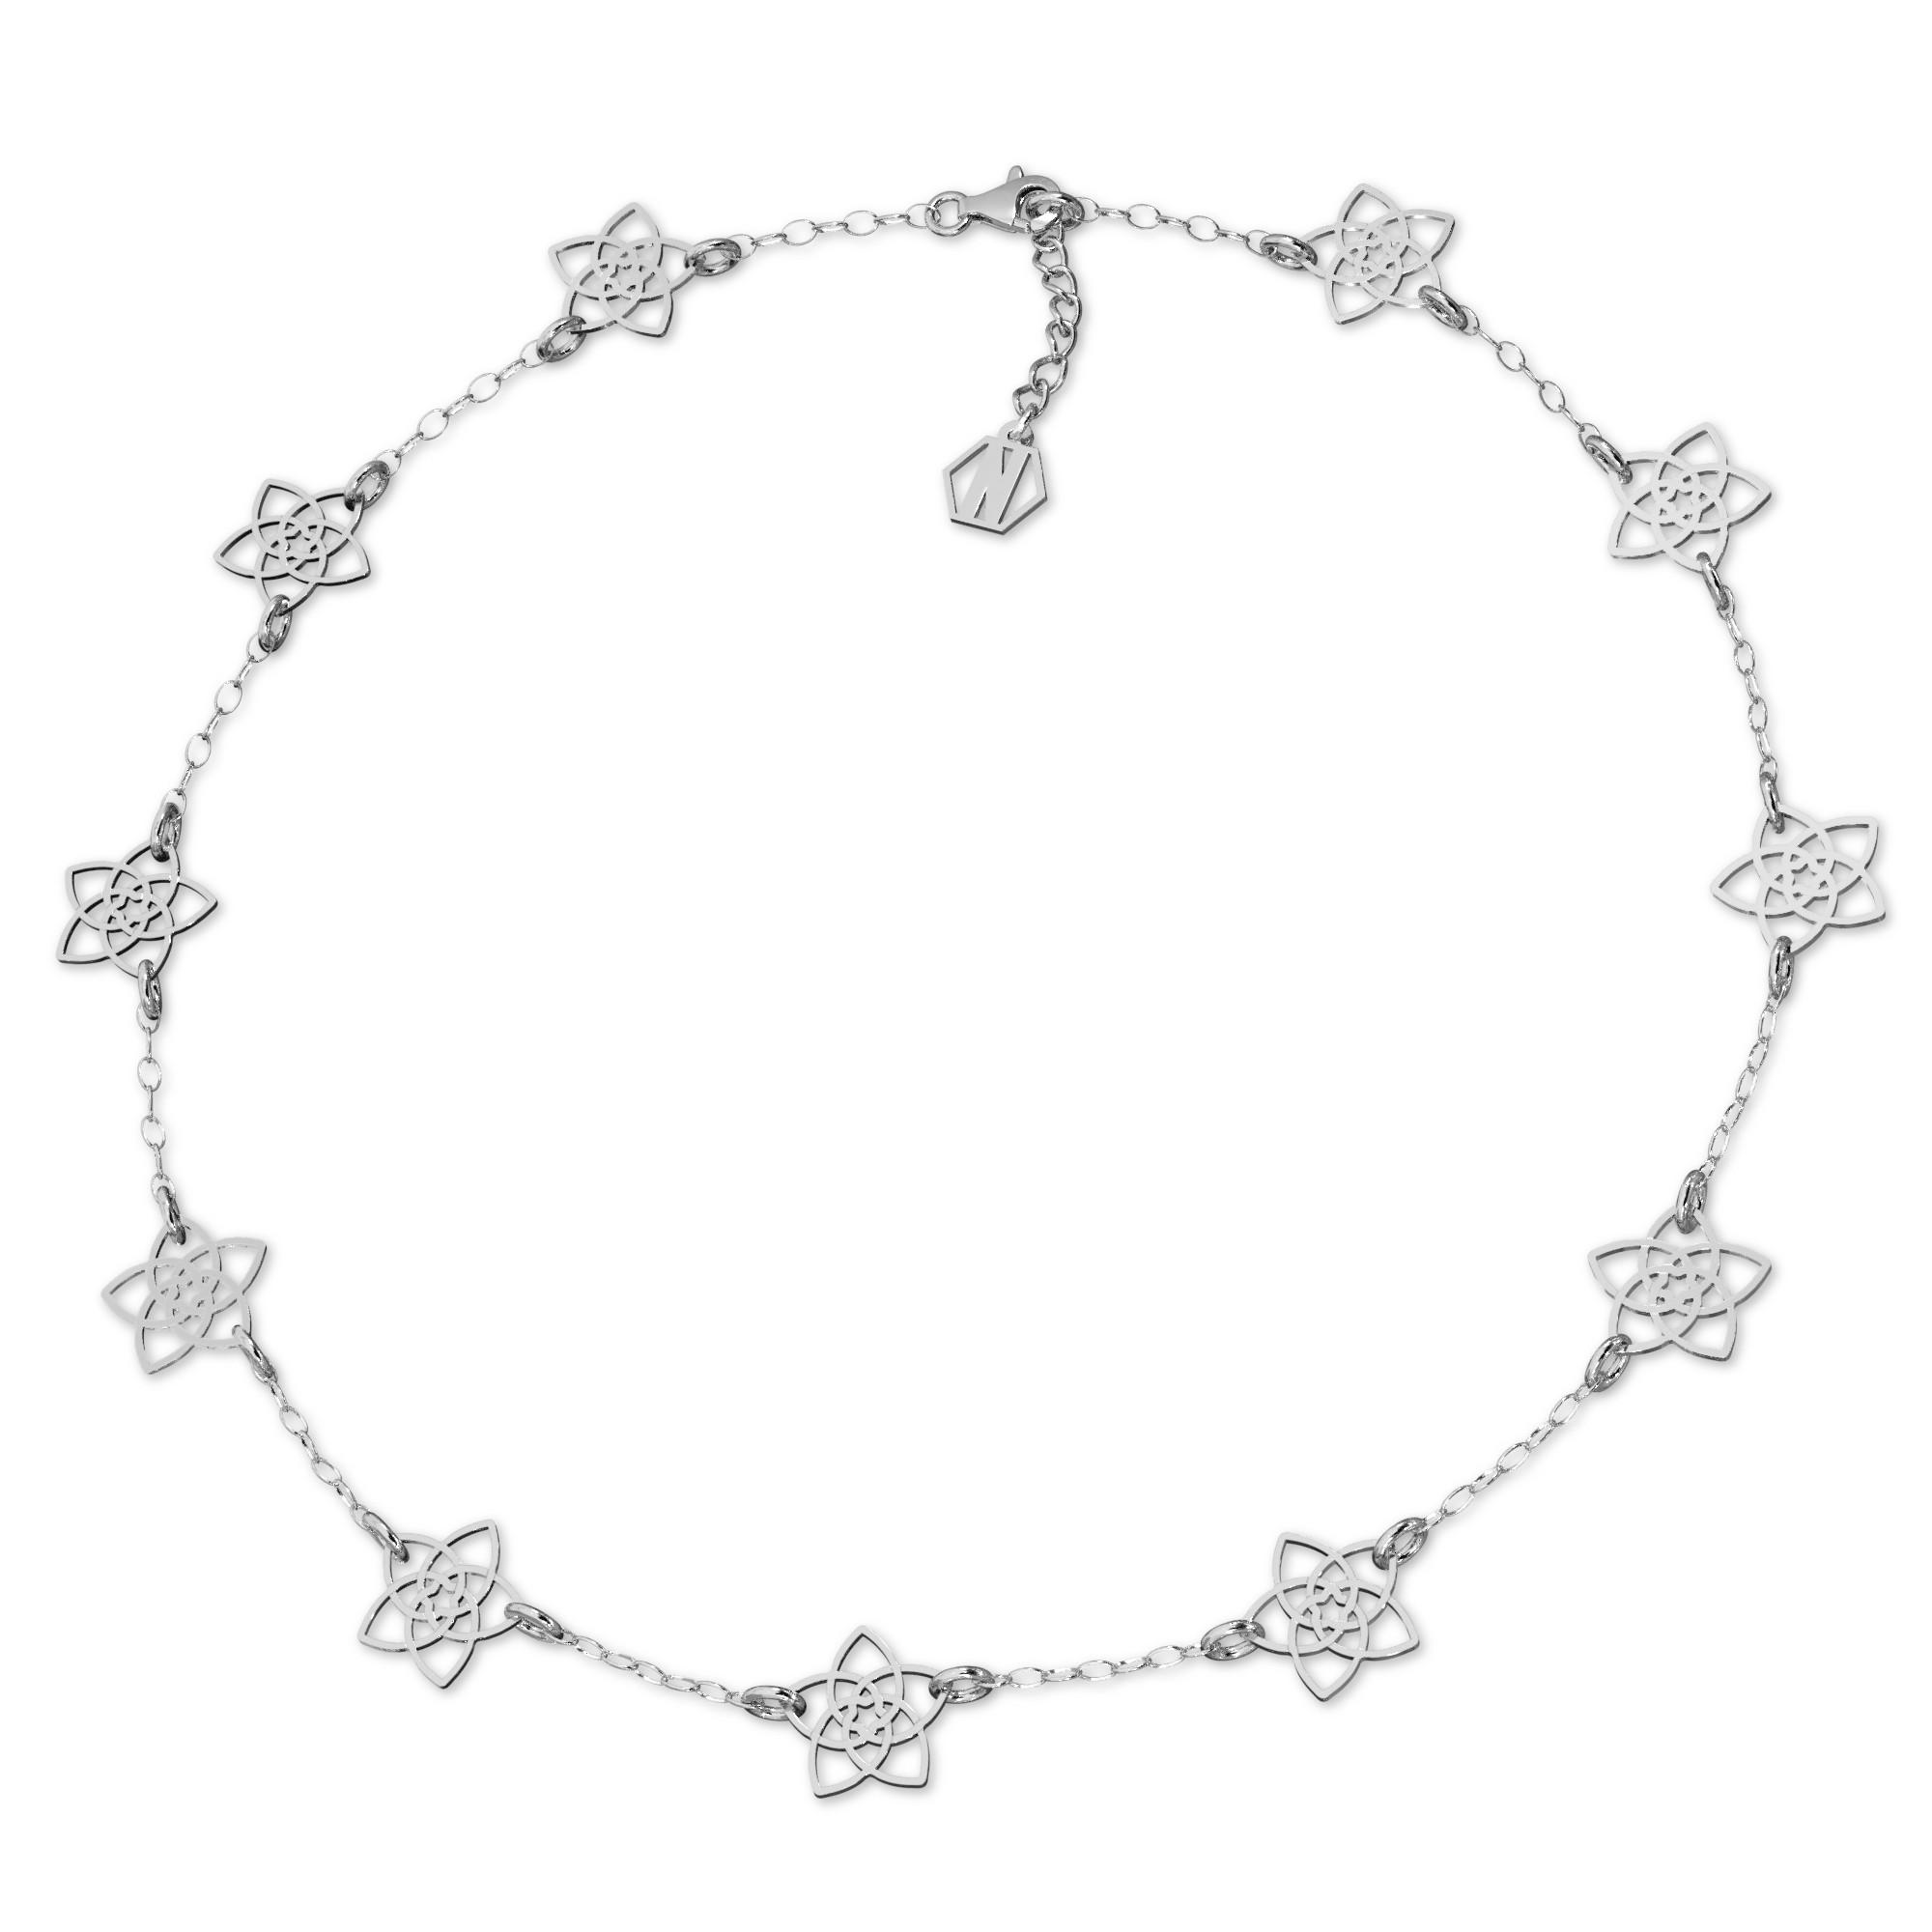 Srebrny naszyjnik kwiatki celebrytka srebro 925, Nikki Lund